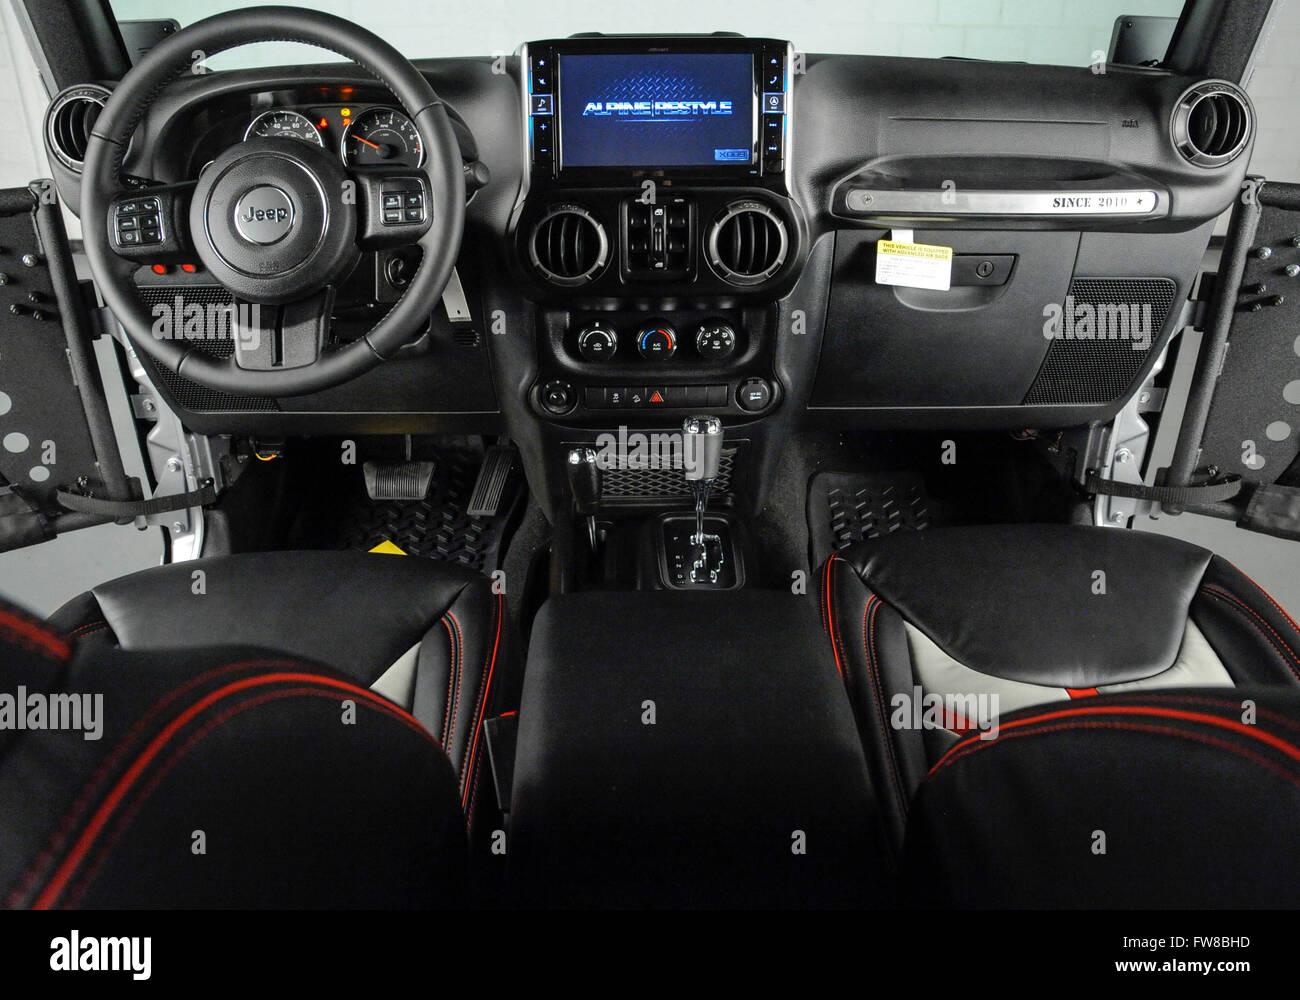 Jeep wrangler custom interior images for Jeep wrangler interior